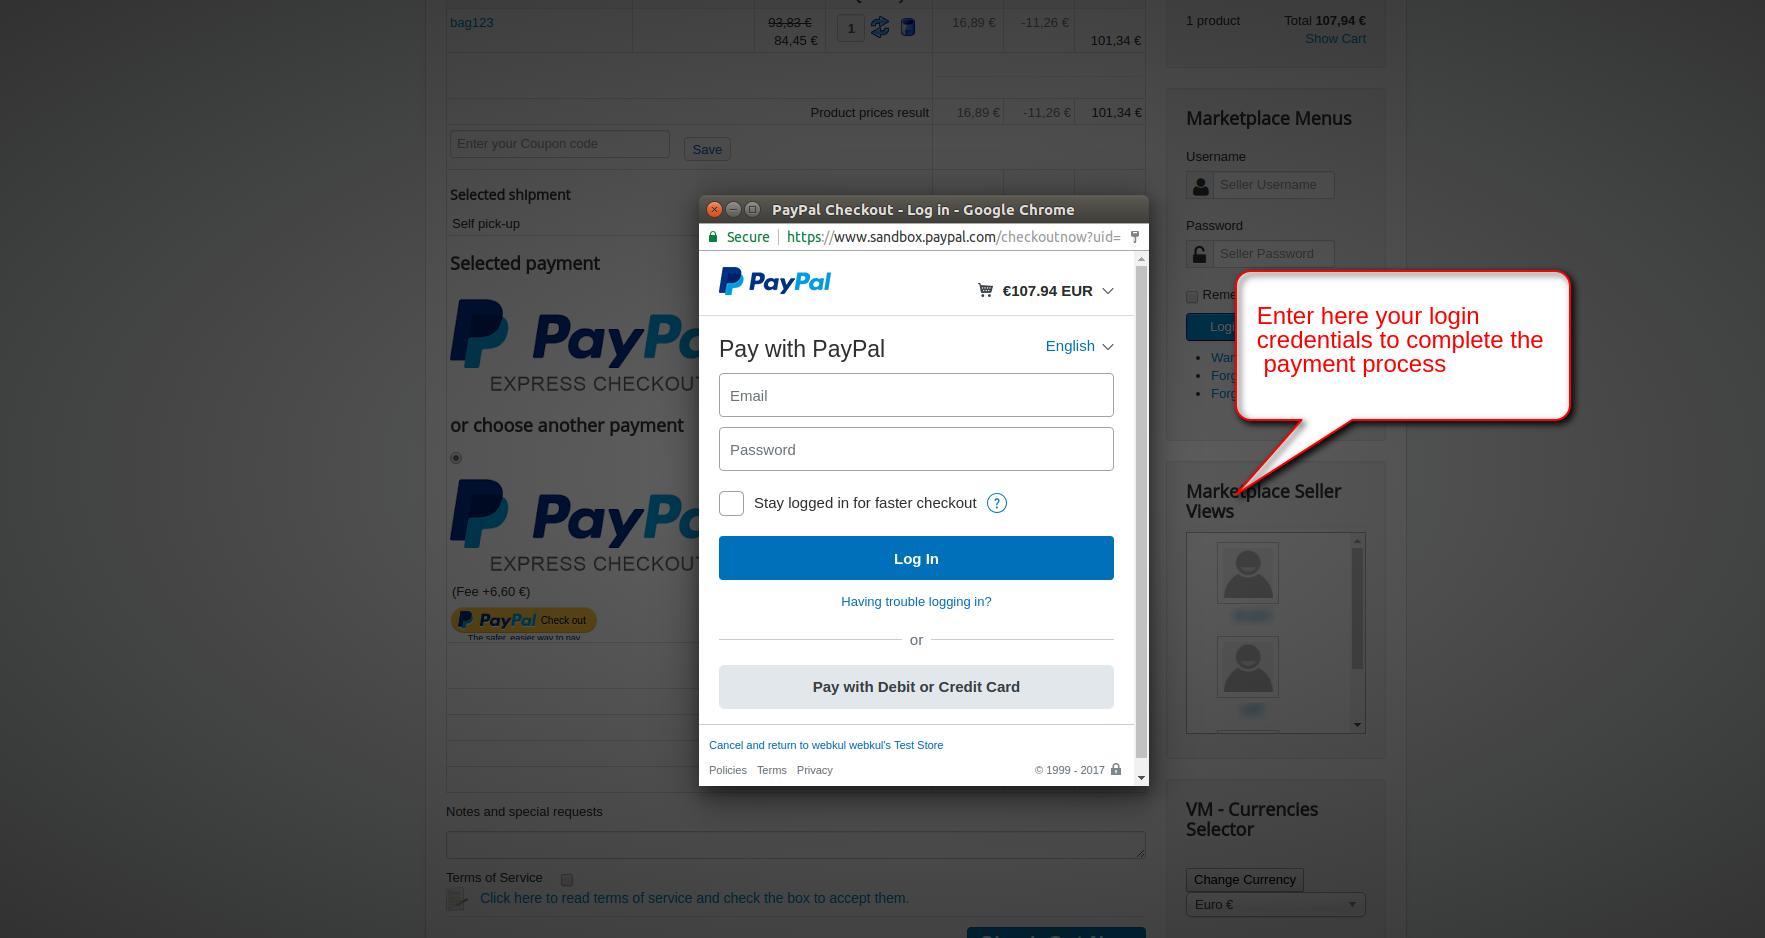 PayPal _Express_Checkout